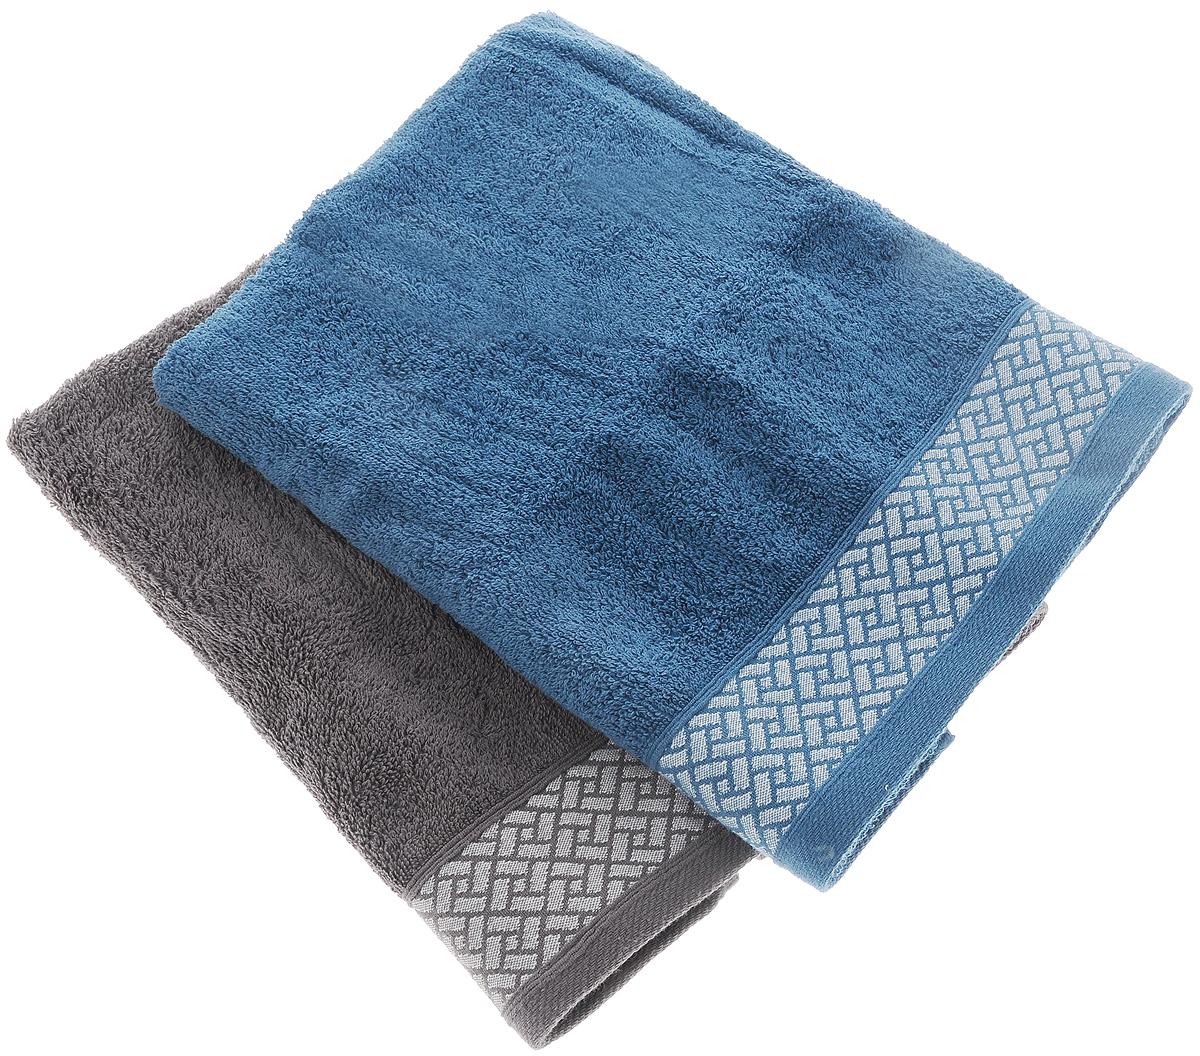 Набор полотенец Tete-a-Tete Лабиринт, цвет: серый, синий, 50 х 90 см, 2 штKOC_SOL249_G4Набор Tete-a-Tete Лабиринт состоит из двух махровых полотенец, выполненных из натурального 100% хлопка. Бордюр полотенец декорирован геометрическим узором. Изделия мягкие, отлично впитывают влагу, быстро сохнут, сохраняют яркость цвета и не теряют форму даже после многократных стирок. Полотенца Tete-a-Tete Лабиринт очень практичны и неприхотливы в уходе. Они легко впишутся в любой интерьер благодаря своей нежной цветовой гамме. Набор упакован в красивую коробку и может послужить отличной идеей подарка.Размер полотенец: 50 х 90 см.